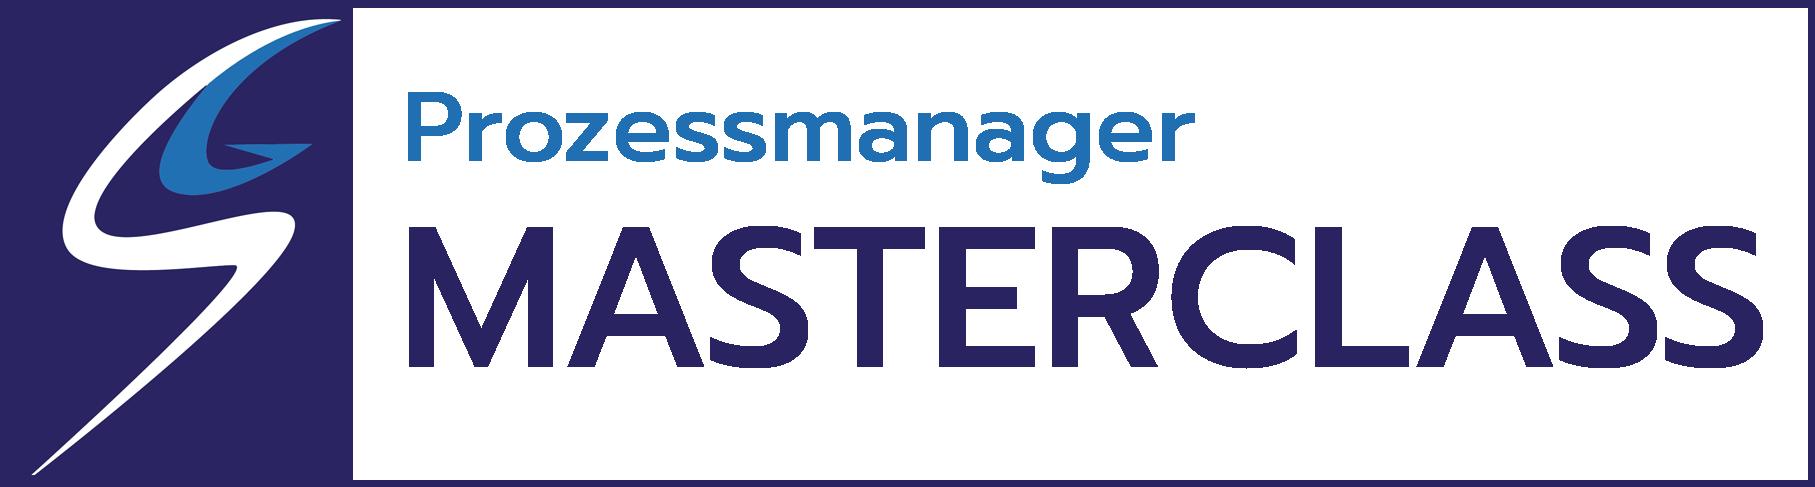 Masterclass Prozessmanager für onOffice Kunden